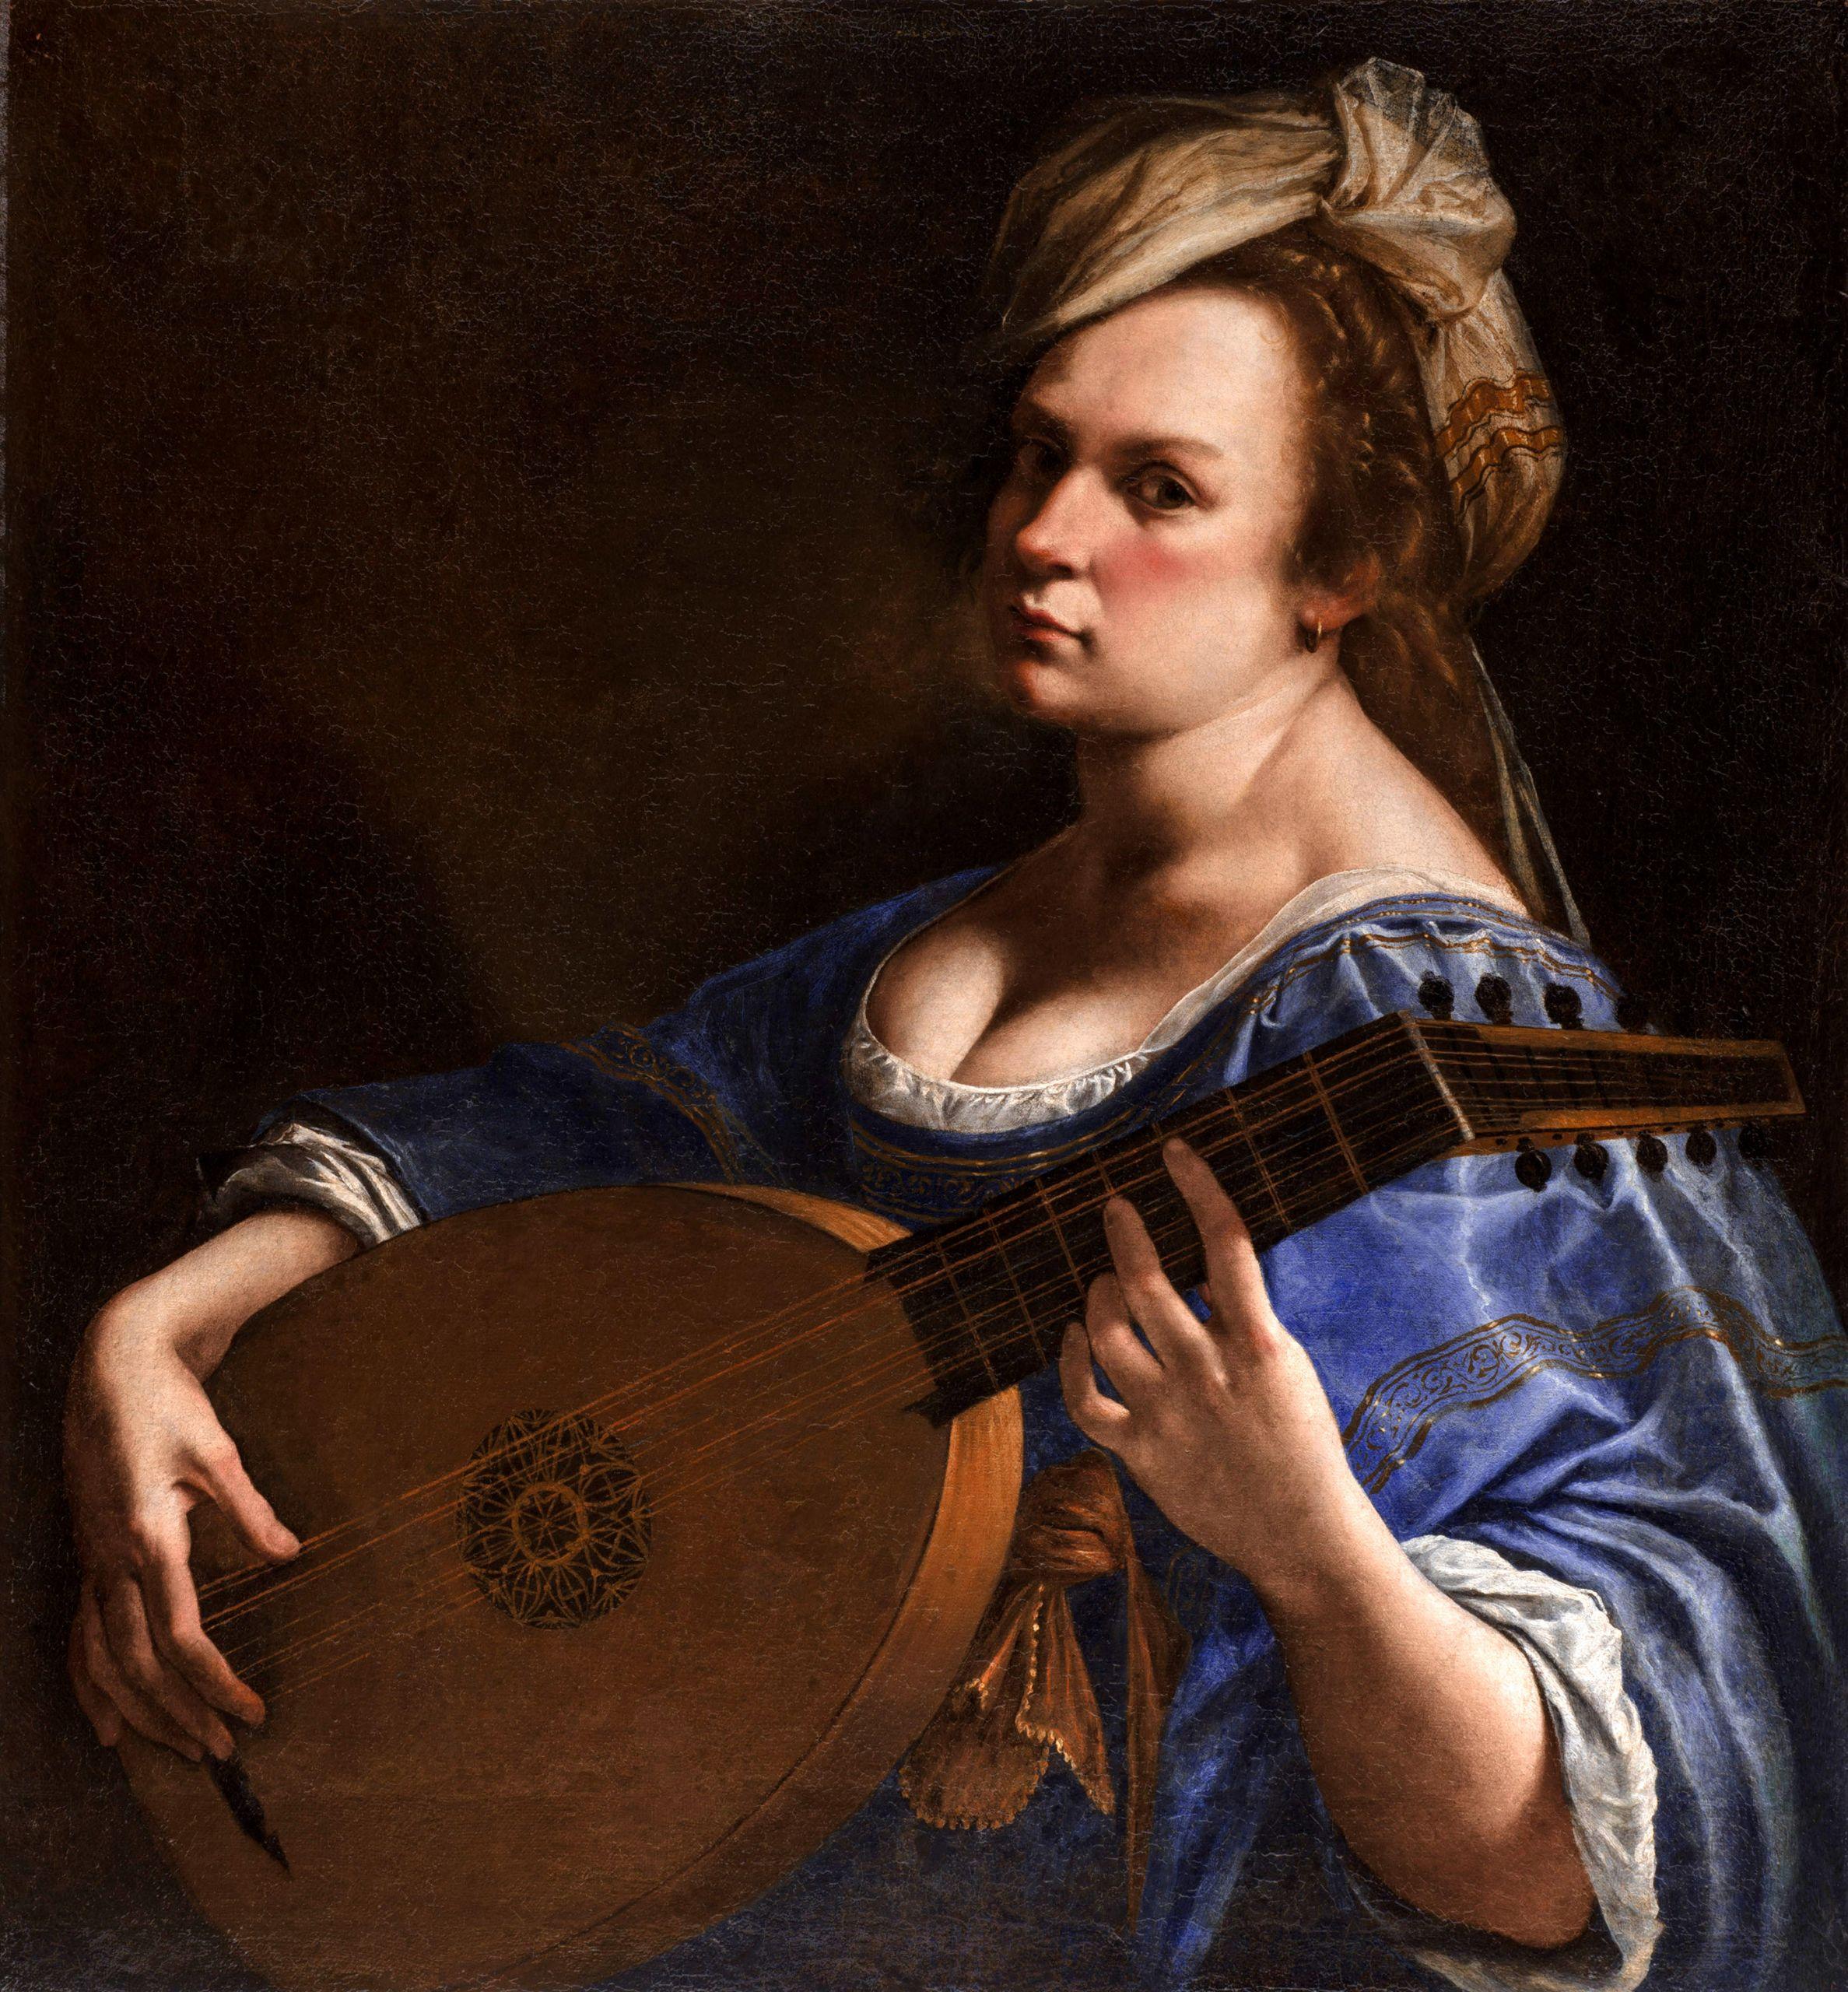 Αρτεμισία Τζεντιλέσκι, Αυτοπροσωπογραφία ως μουσικός λαούτου, Wadsworth Atheneum Museum of Art